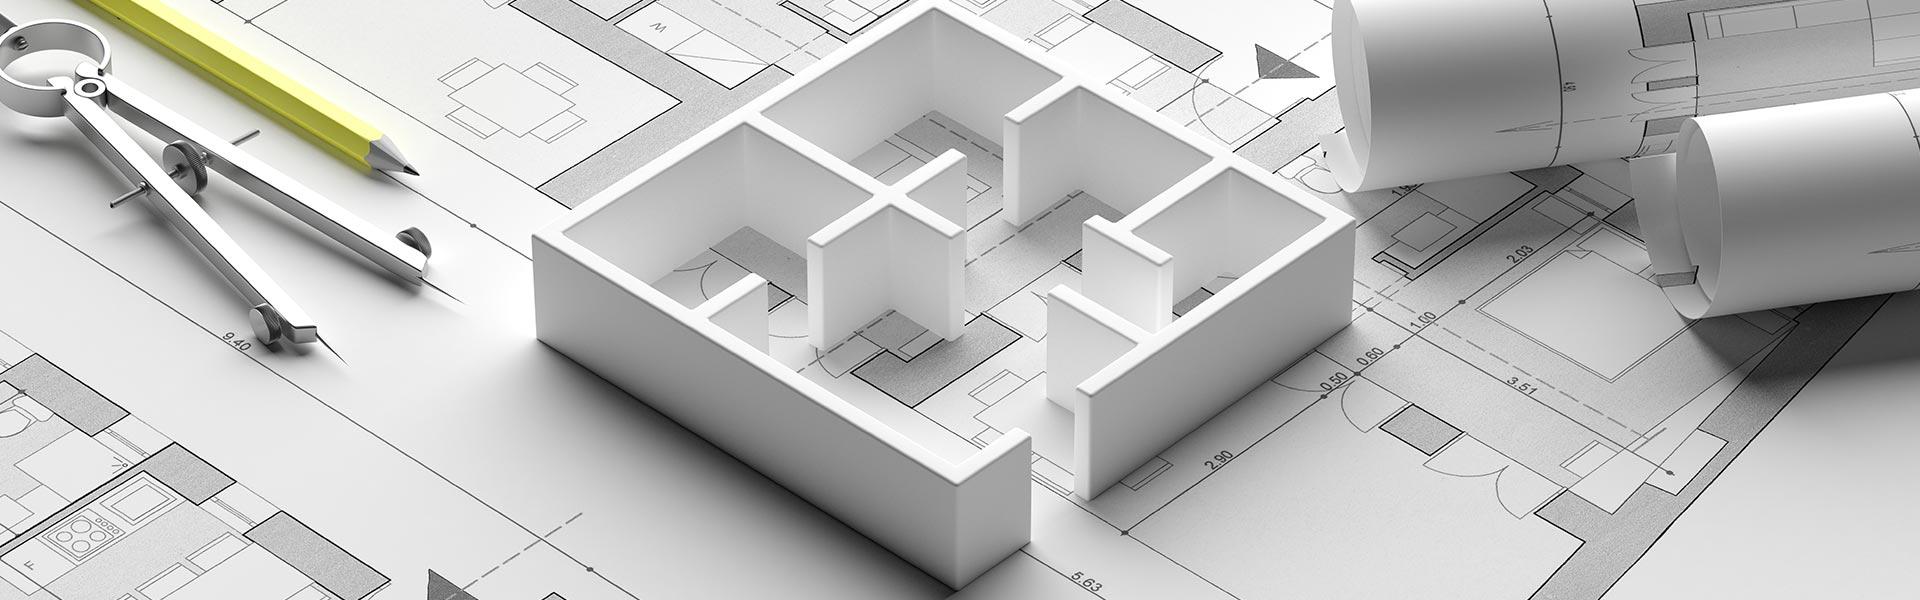 Grundrisse einer Immobilie